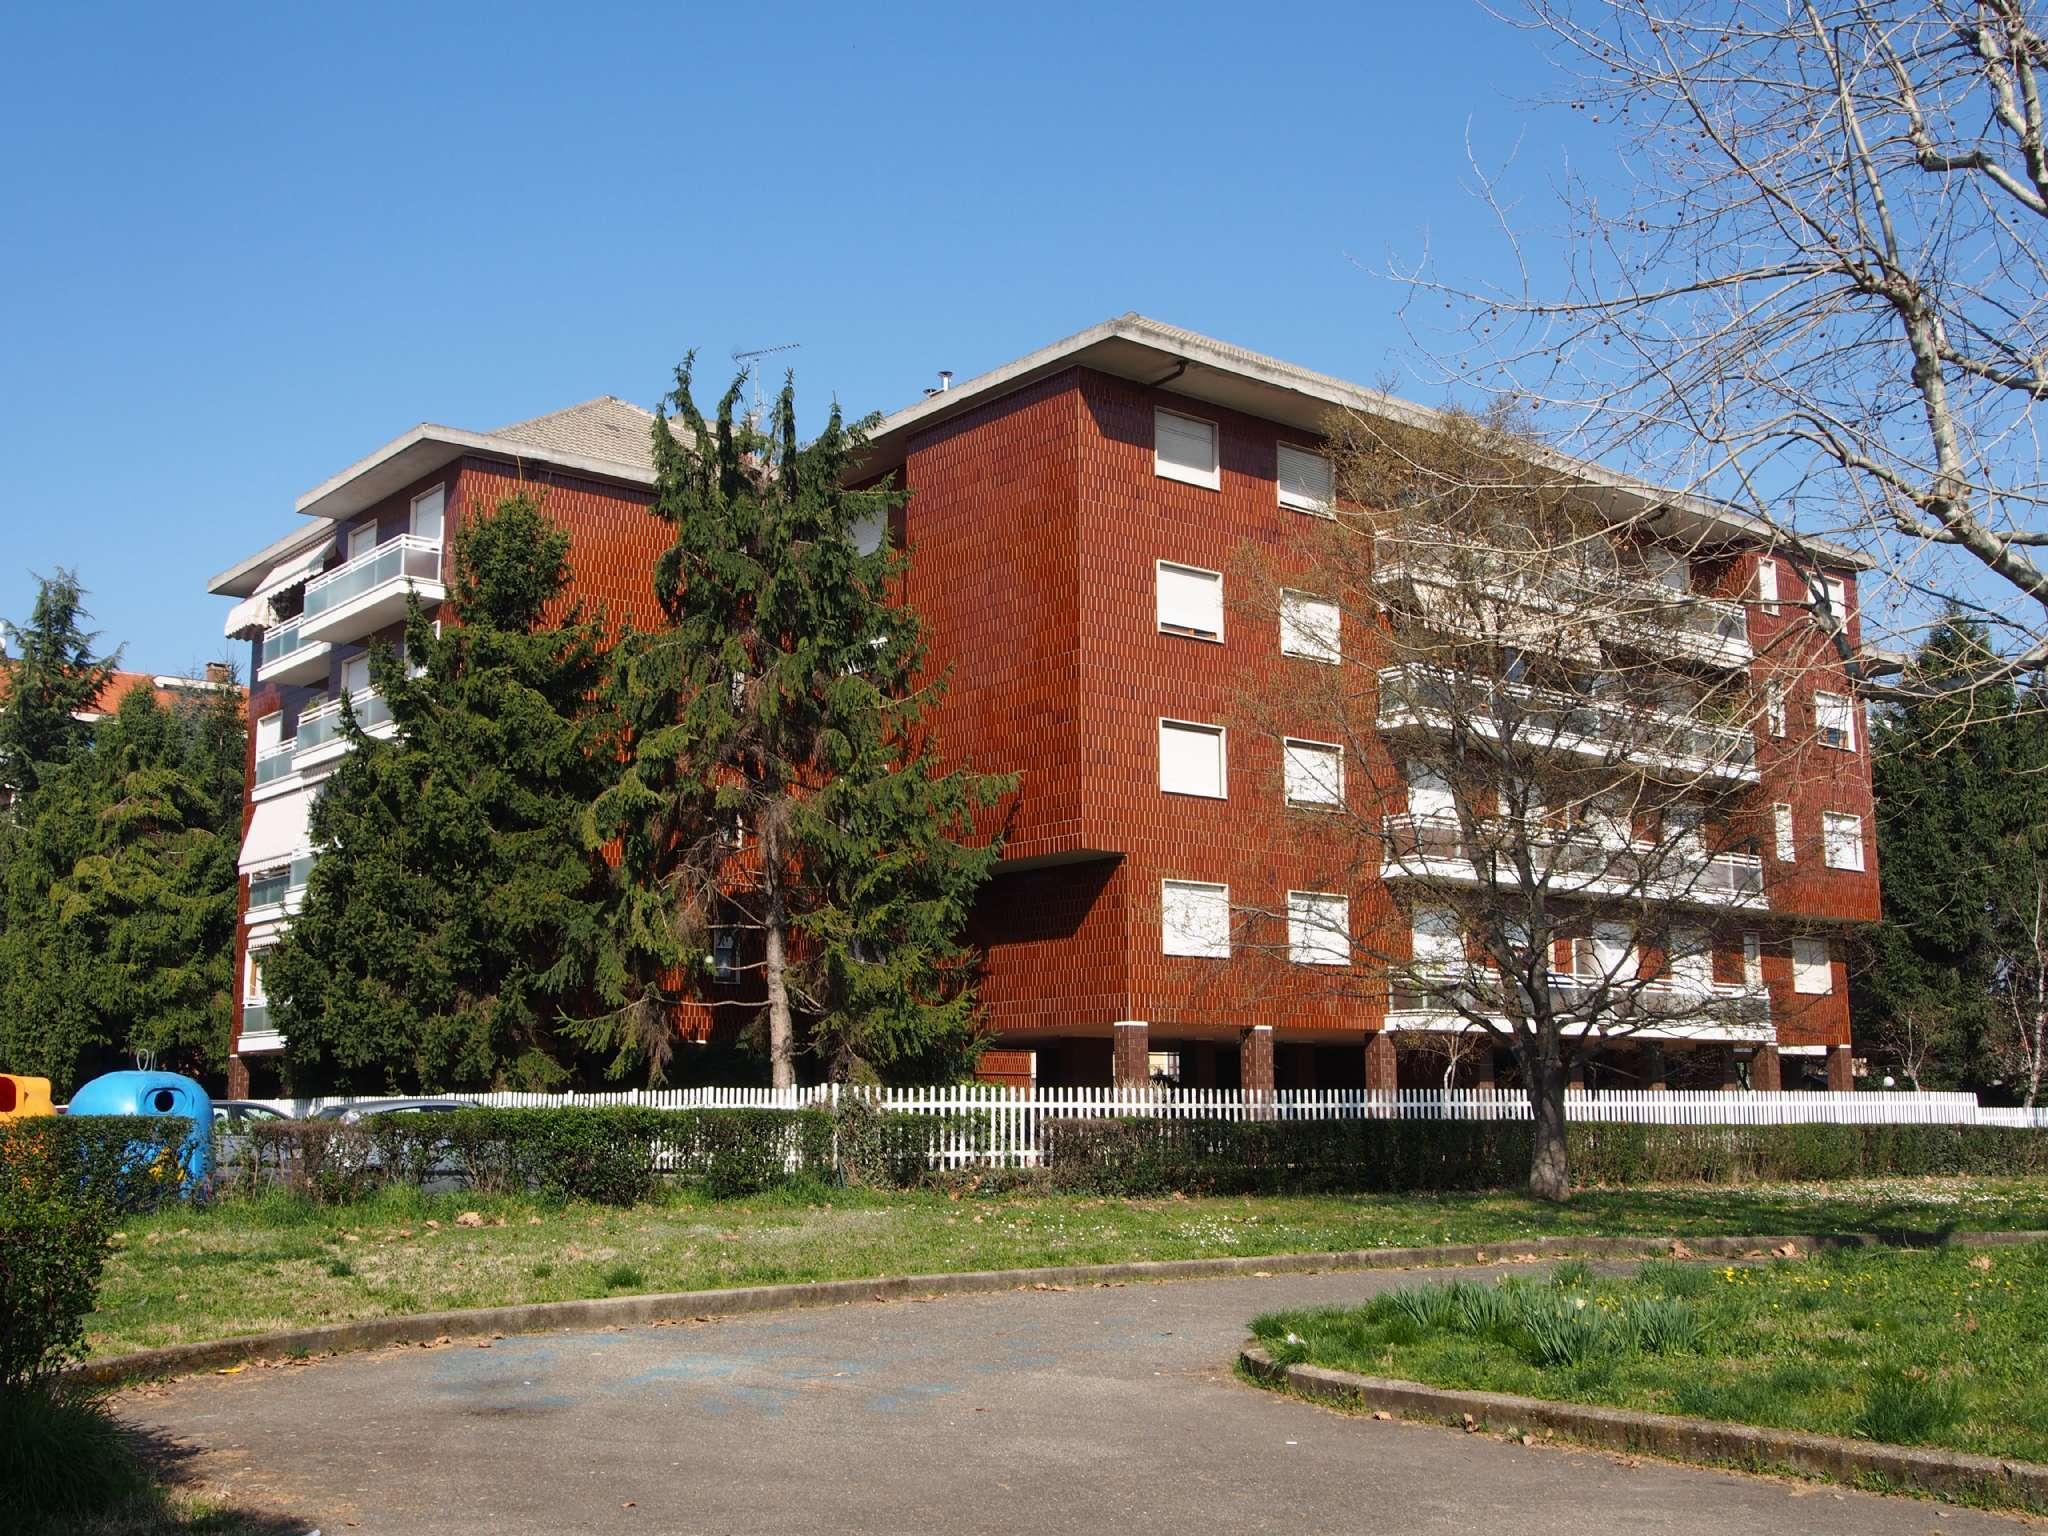 Appartamento in vendita a Orbassano, 3 locali, prezzo € 88.000 | CambioCasa.it